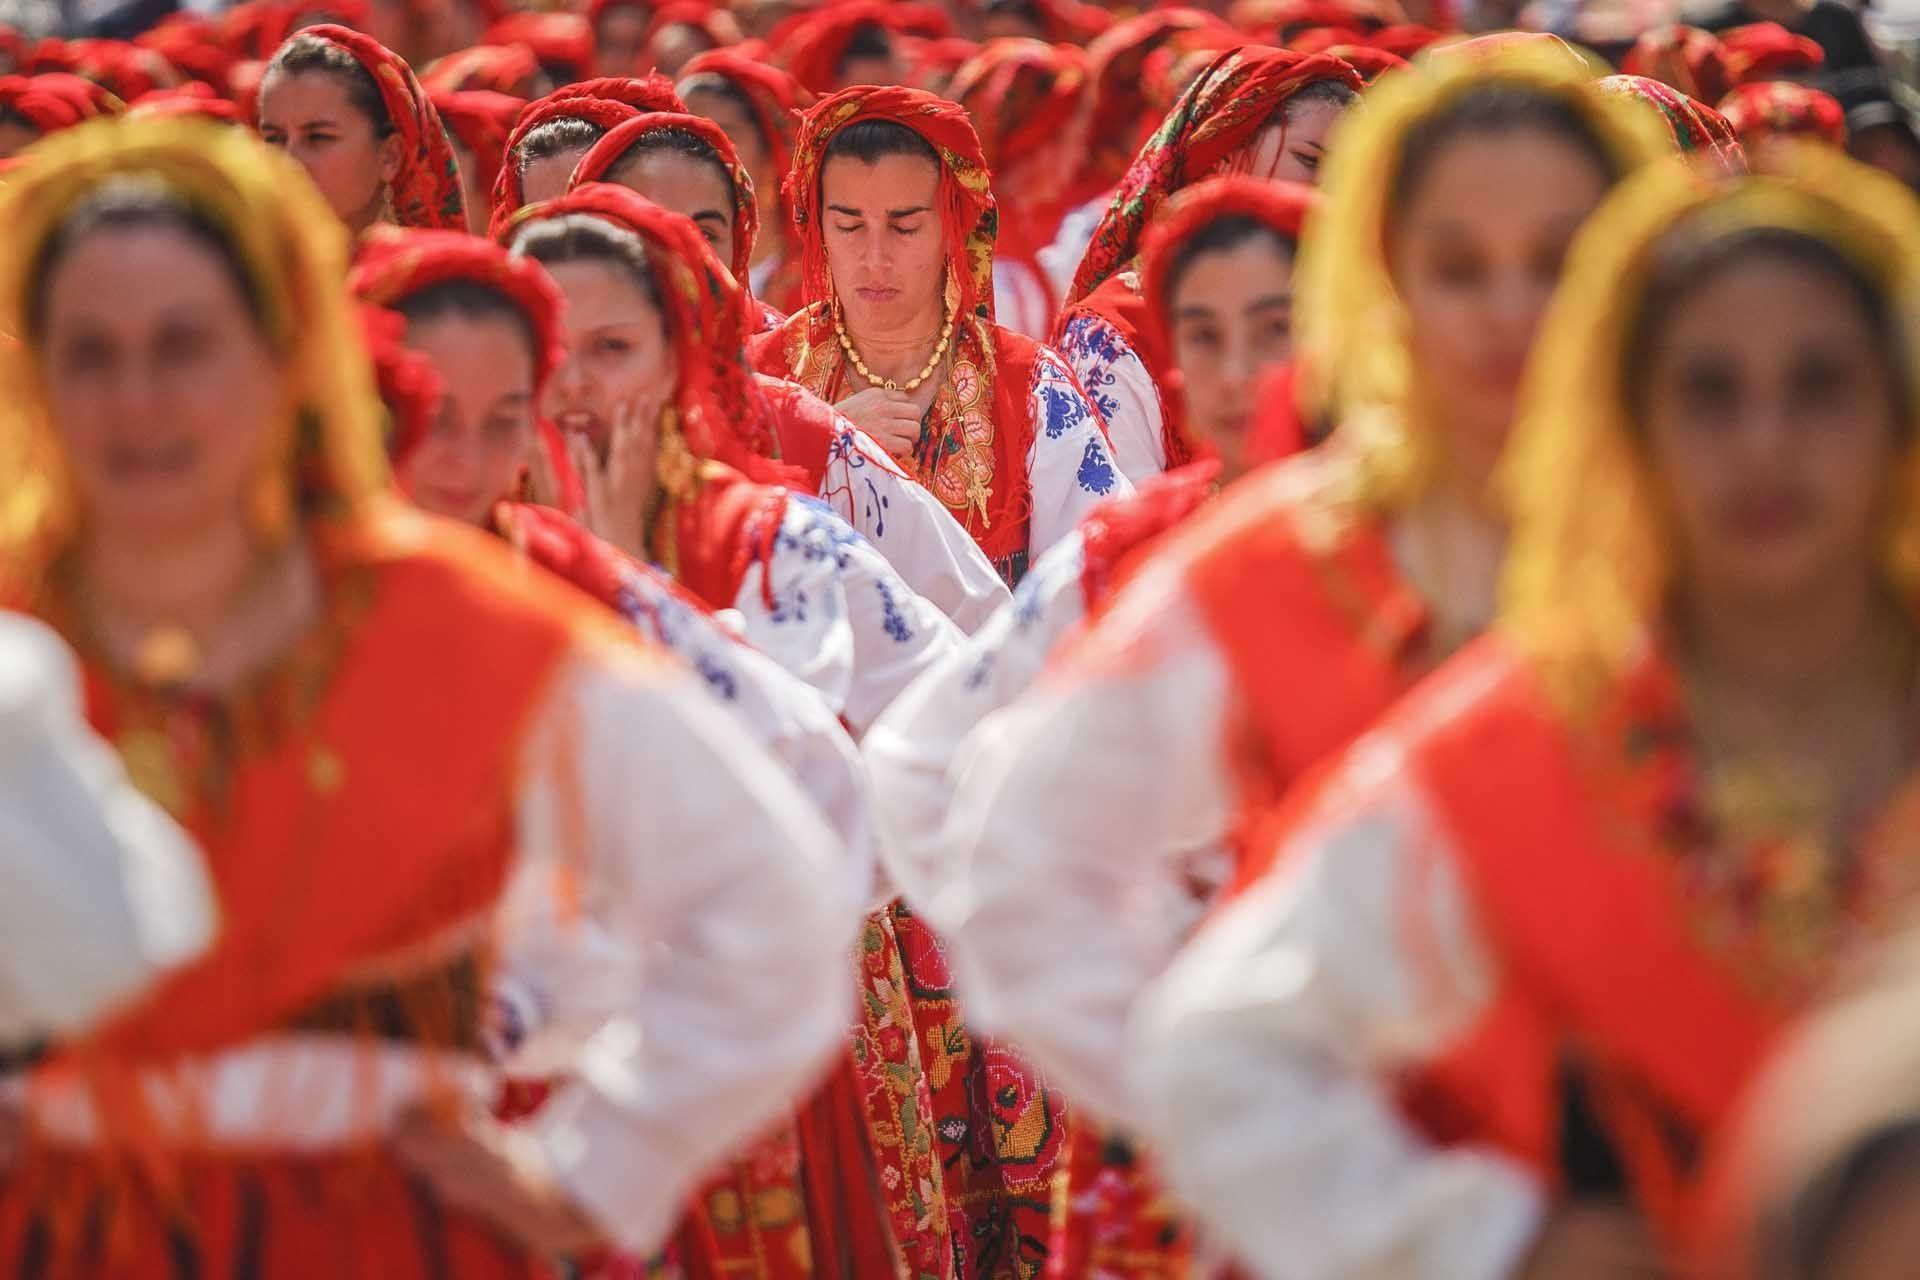 619 mulheres 'vianenses' de sete países desfilam hoje pelas ruas  de Viana